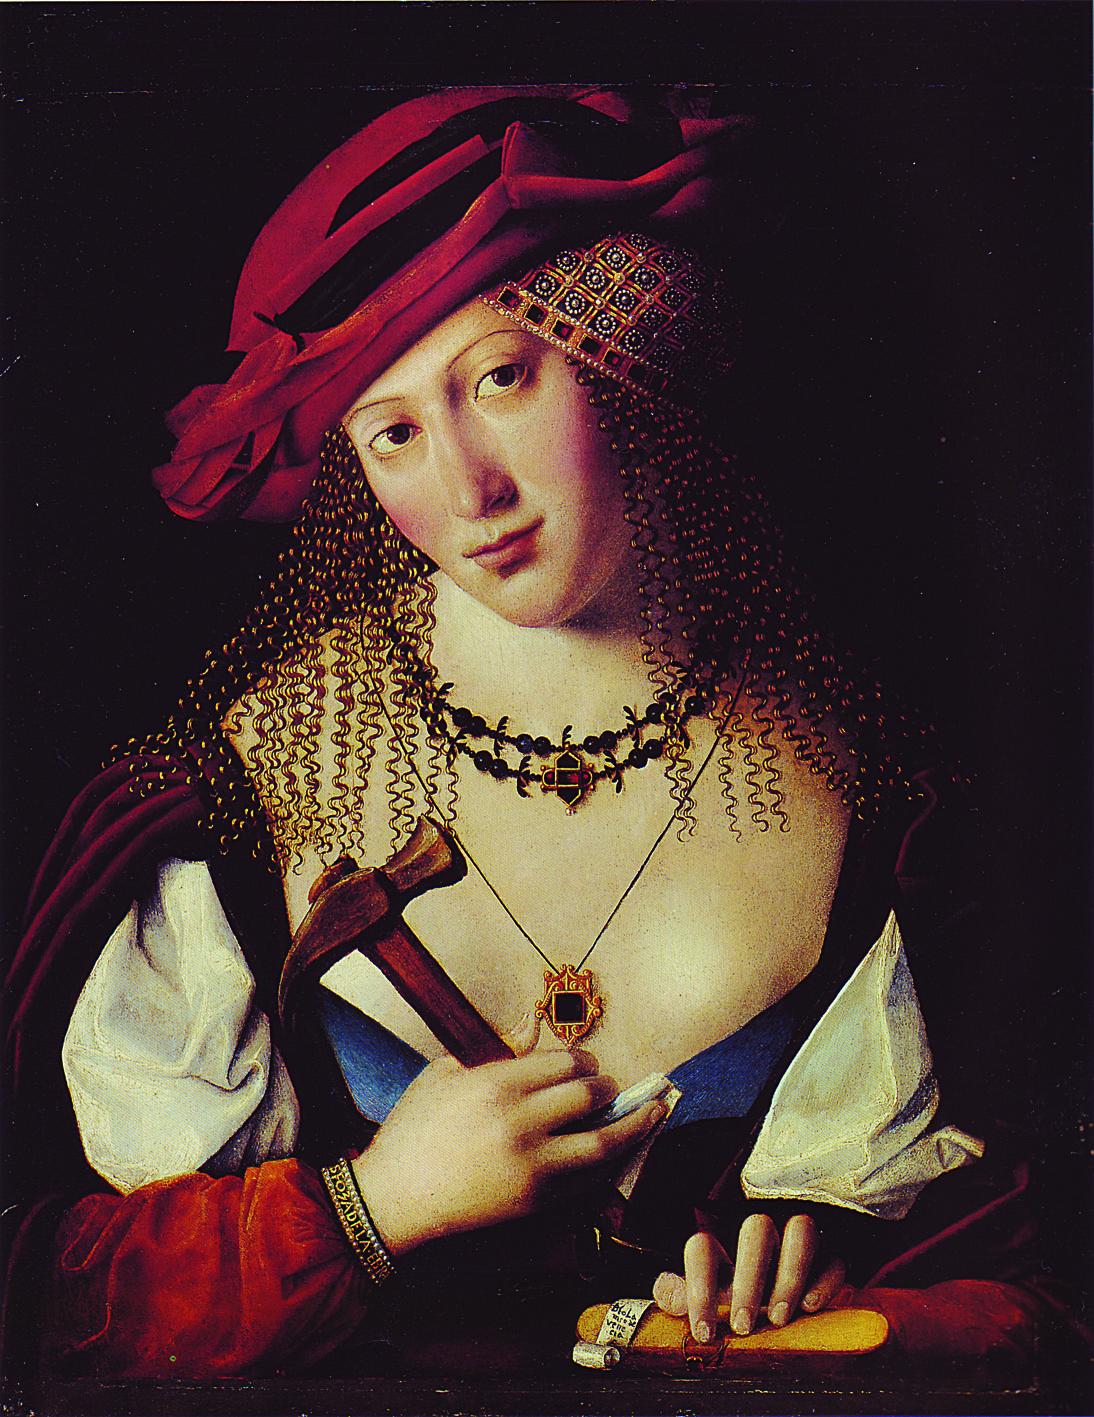 Бартоломео Венето. Портрет венецианской еврейки с атрибутами Иаили. Около 1500 года